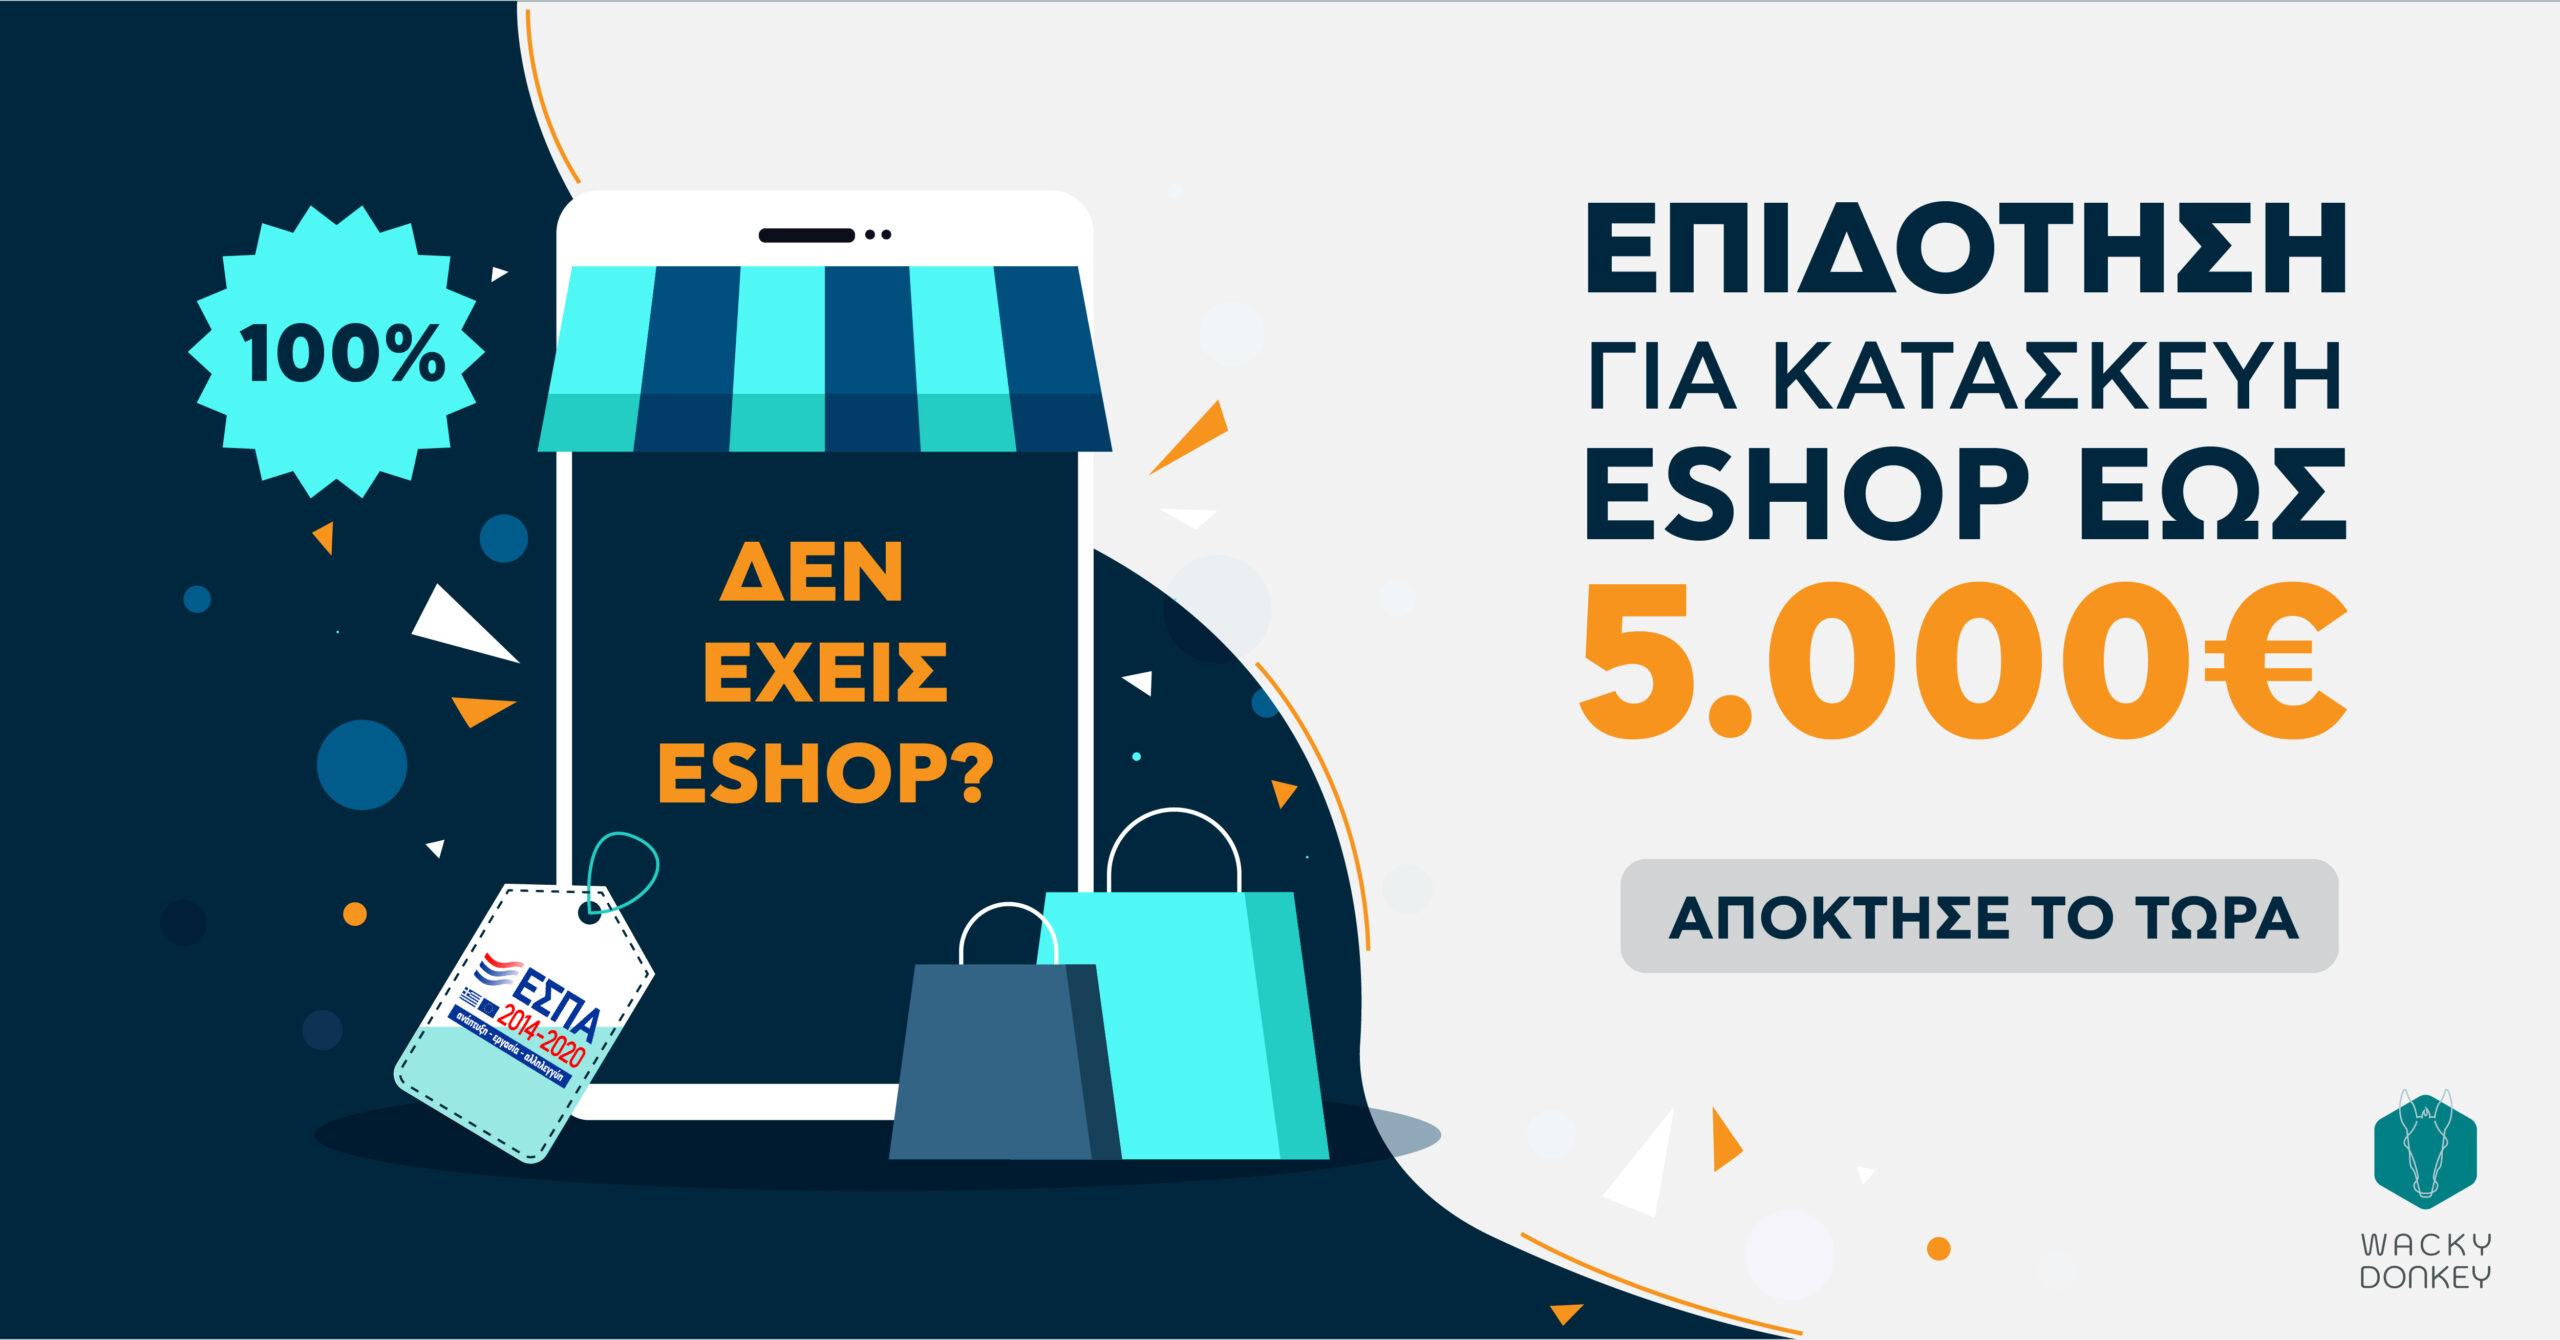 Επιδότηση για κατασκευή ESHOP μέσω ΕΣΠΑ 5000 Ευρώ